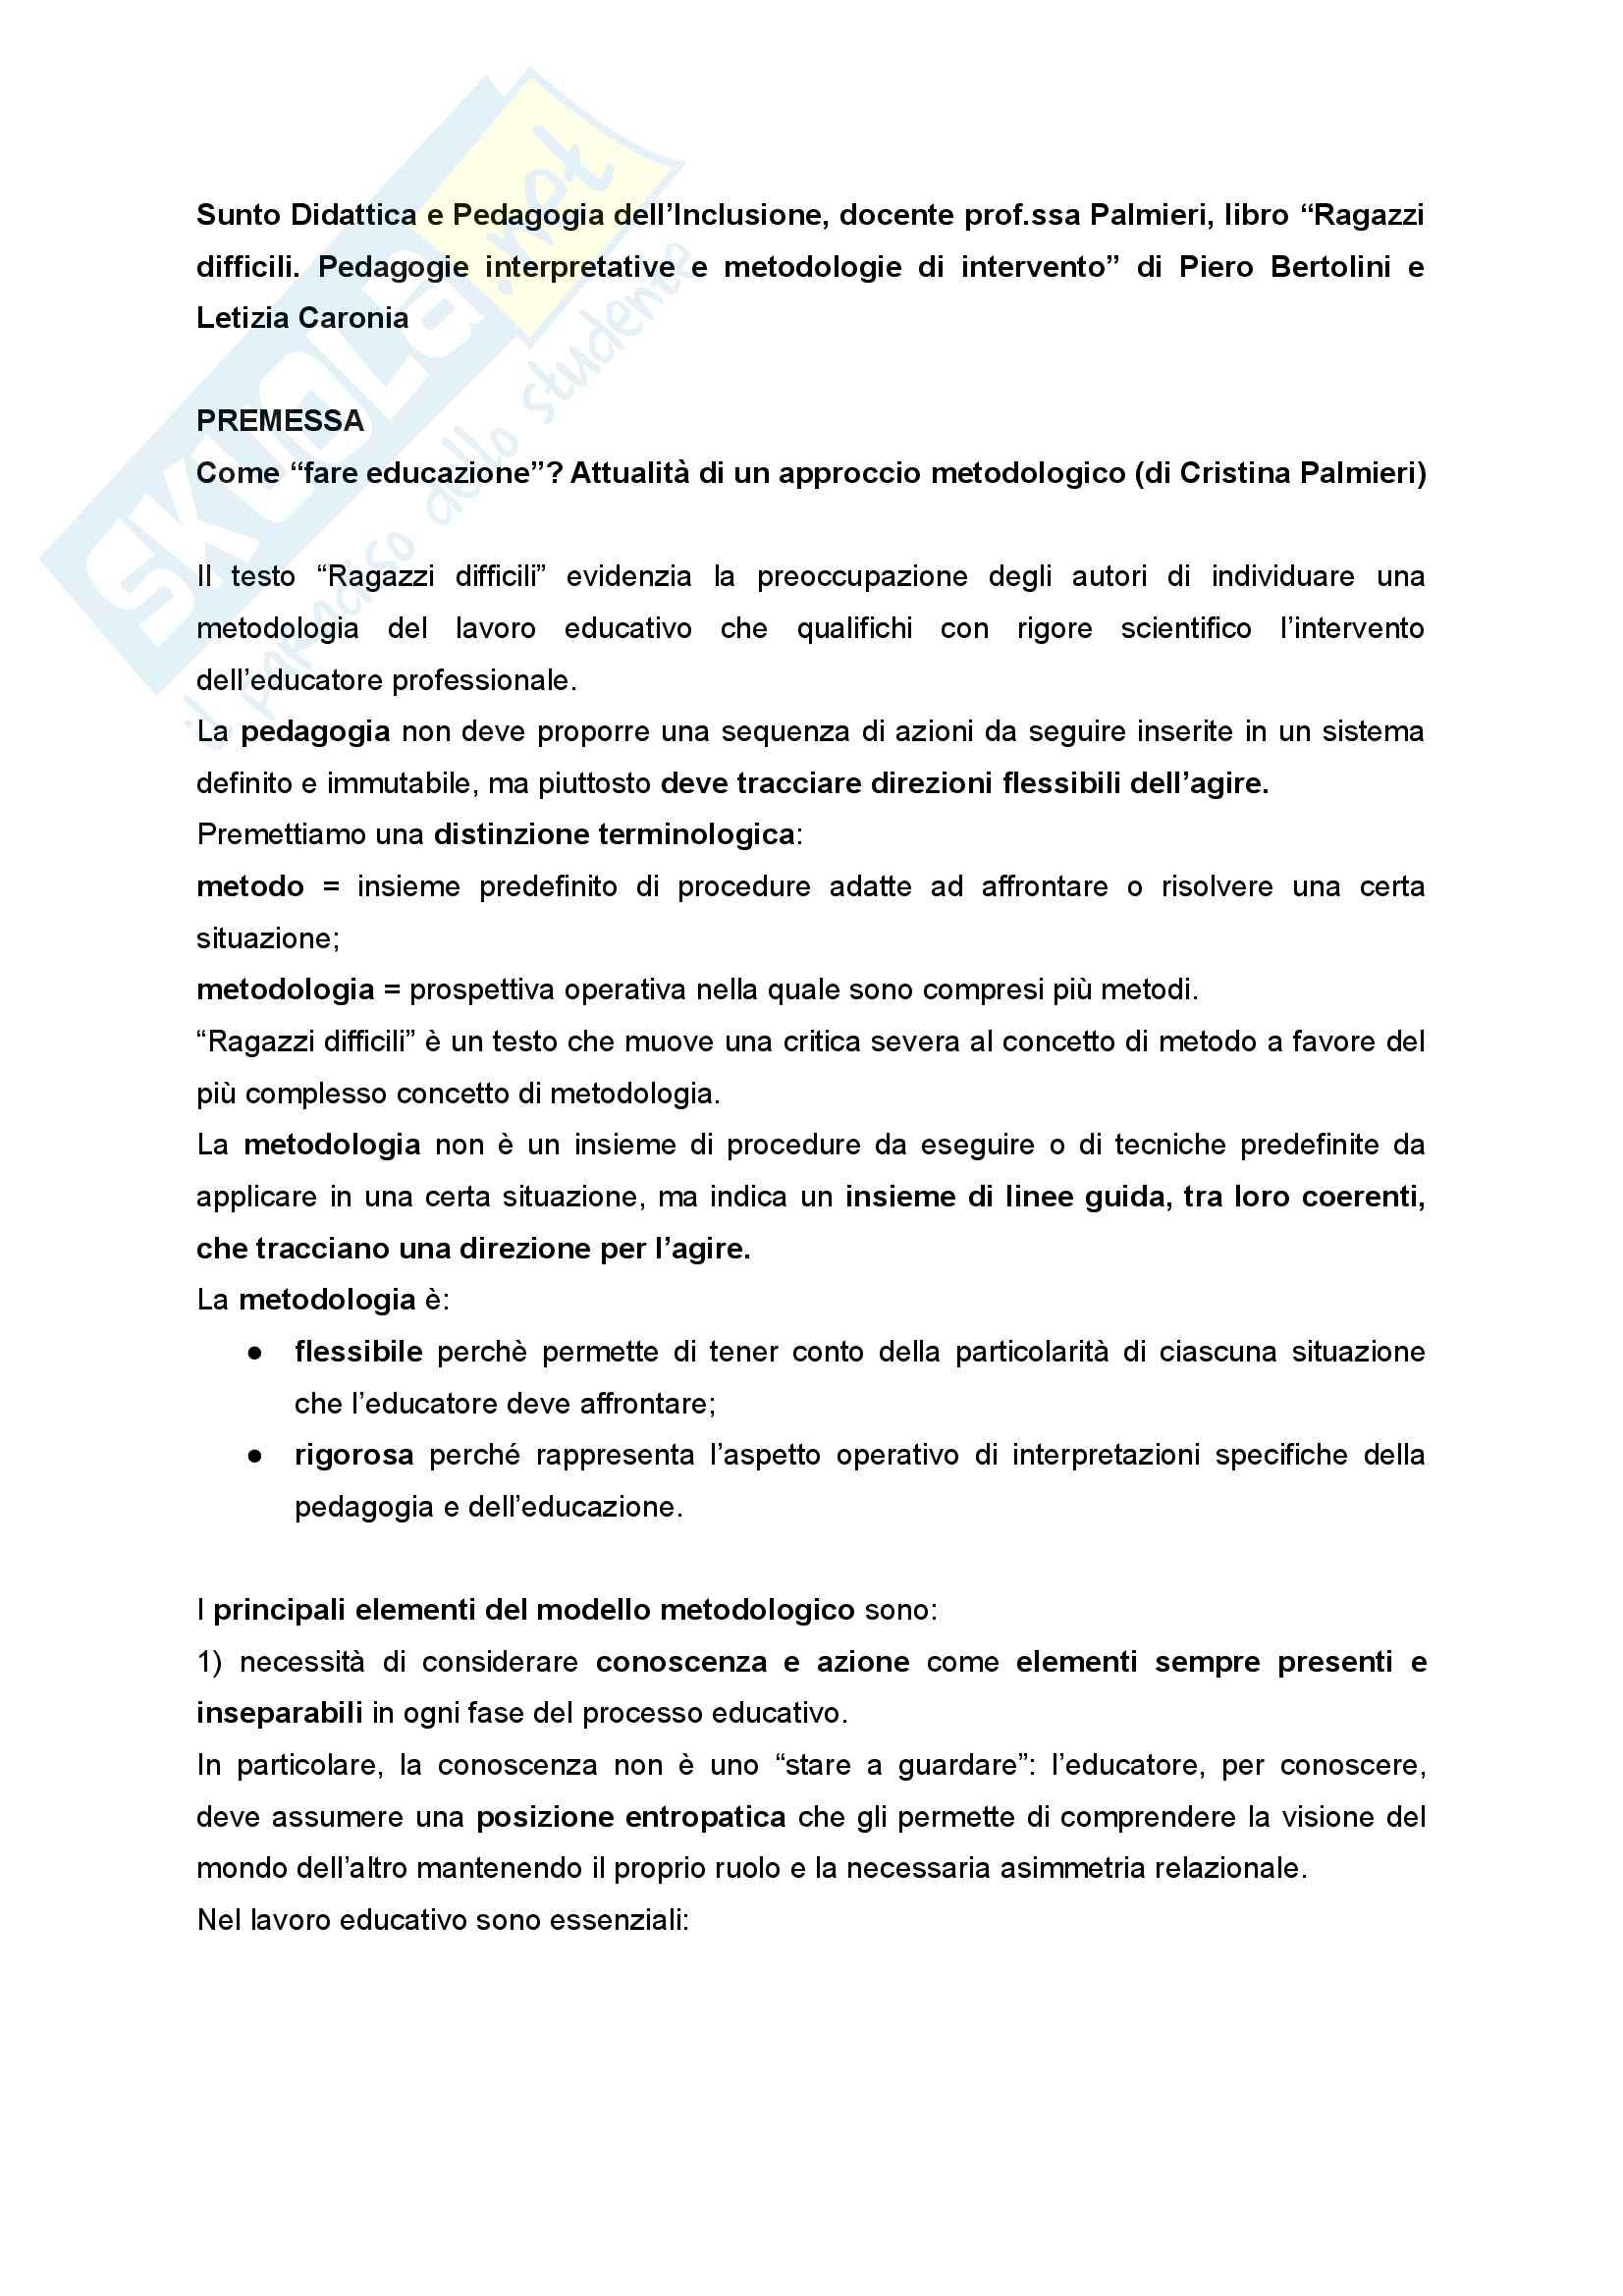 Riassunto esame Didattica e Pedagogia dell'inclusione con laboratorio, prof.ssa Palmieri, libro consigliato Ragazzi difficili. Pedagogie interpretative e metodologie di intervento